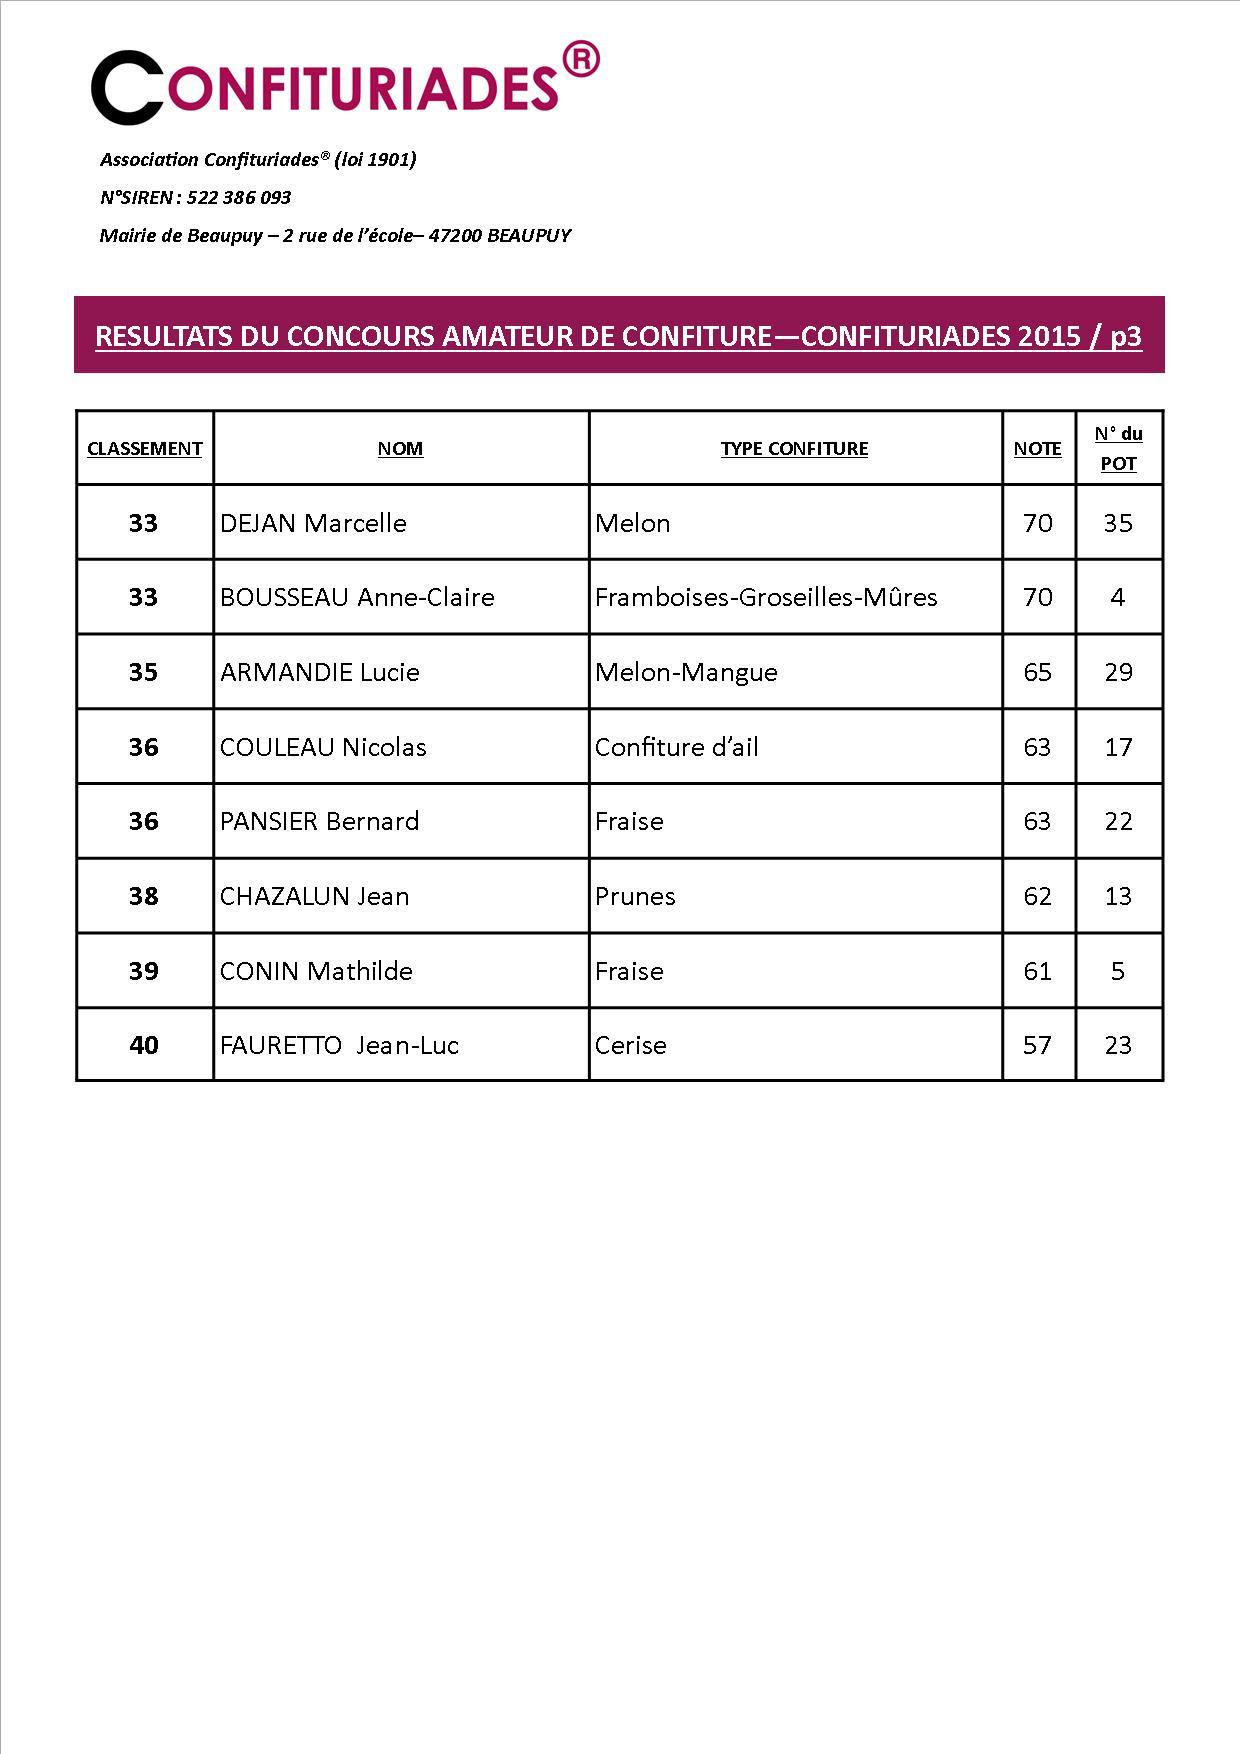 résultats concours amateur 2015.jpg